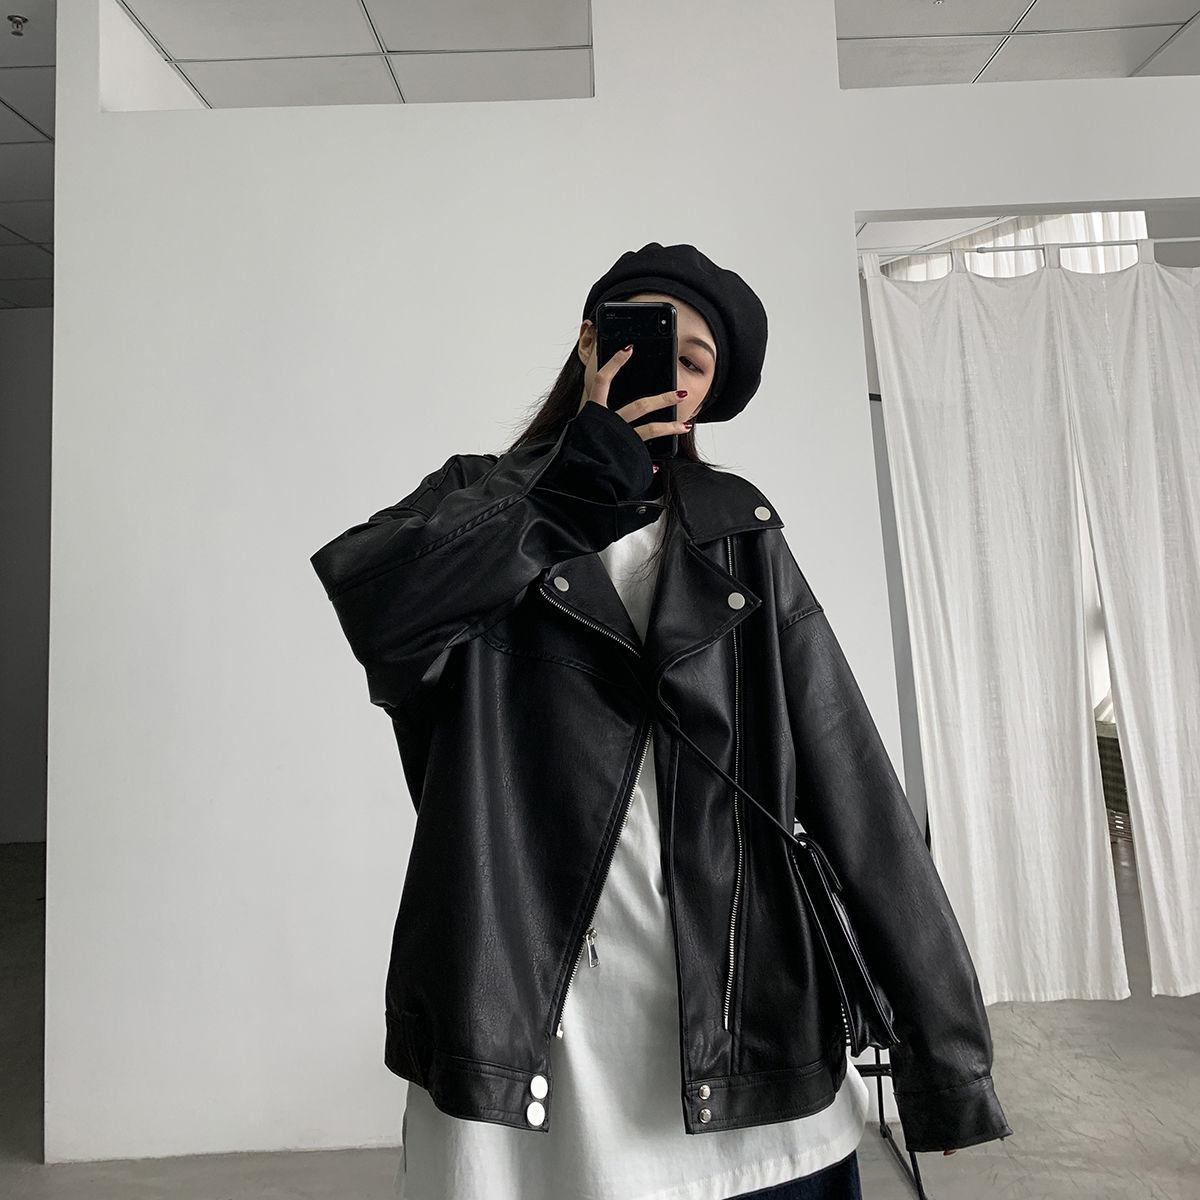 Женская куртка из искусственной кожи, модная куртка большого размера в стиле High Street, Готическая локомотивная одежда, верхняя одежда, новинк...